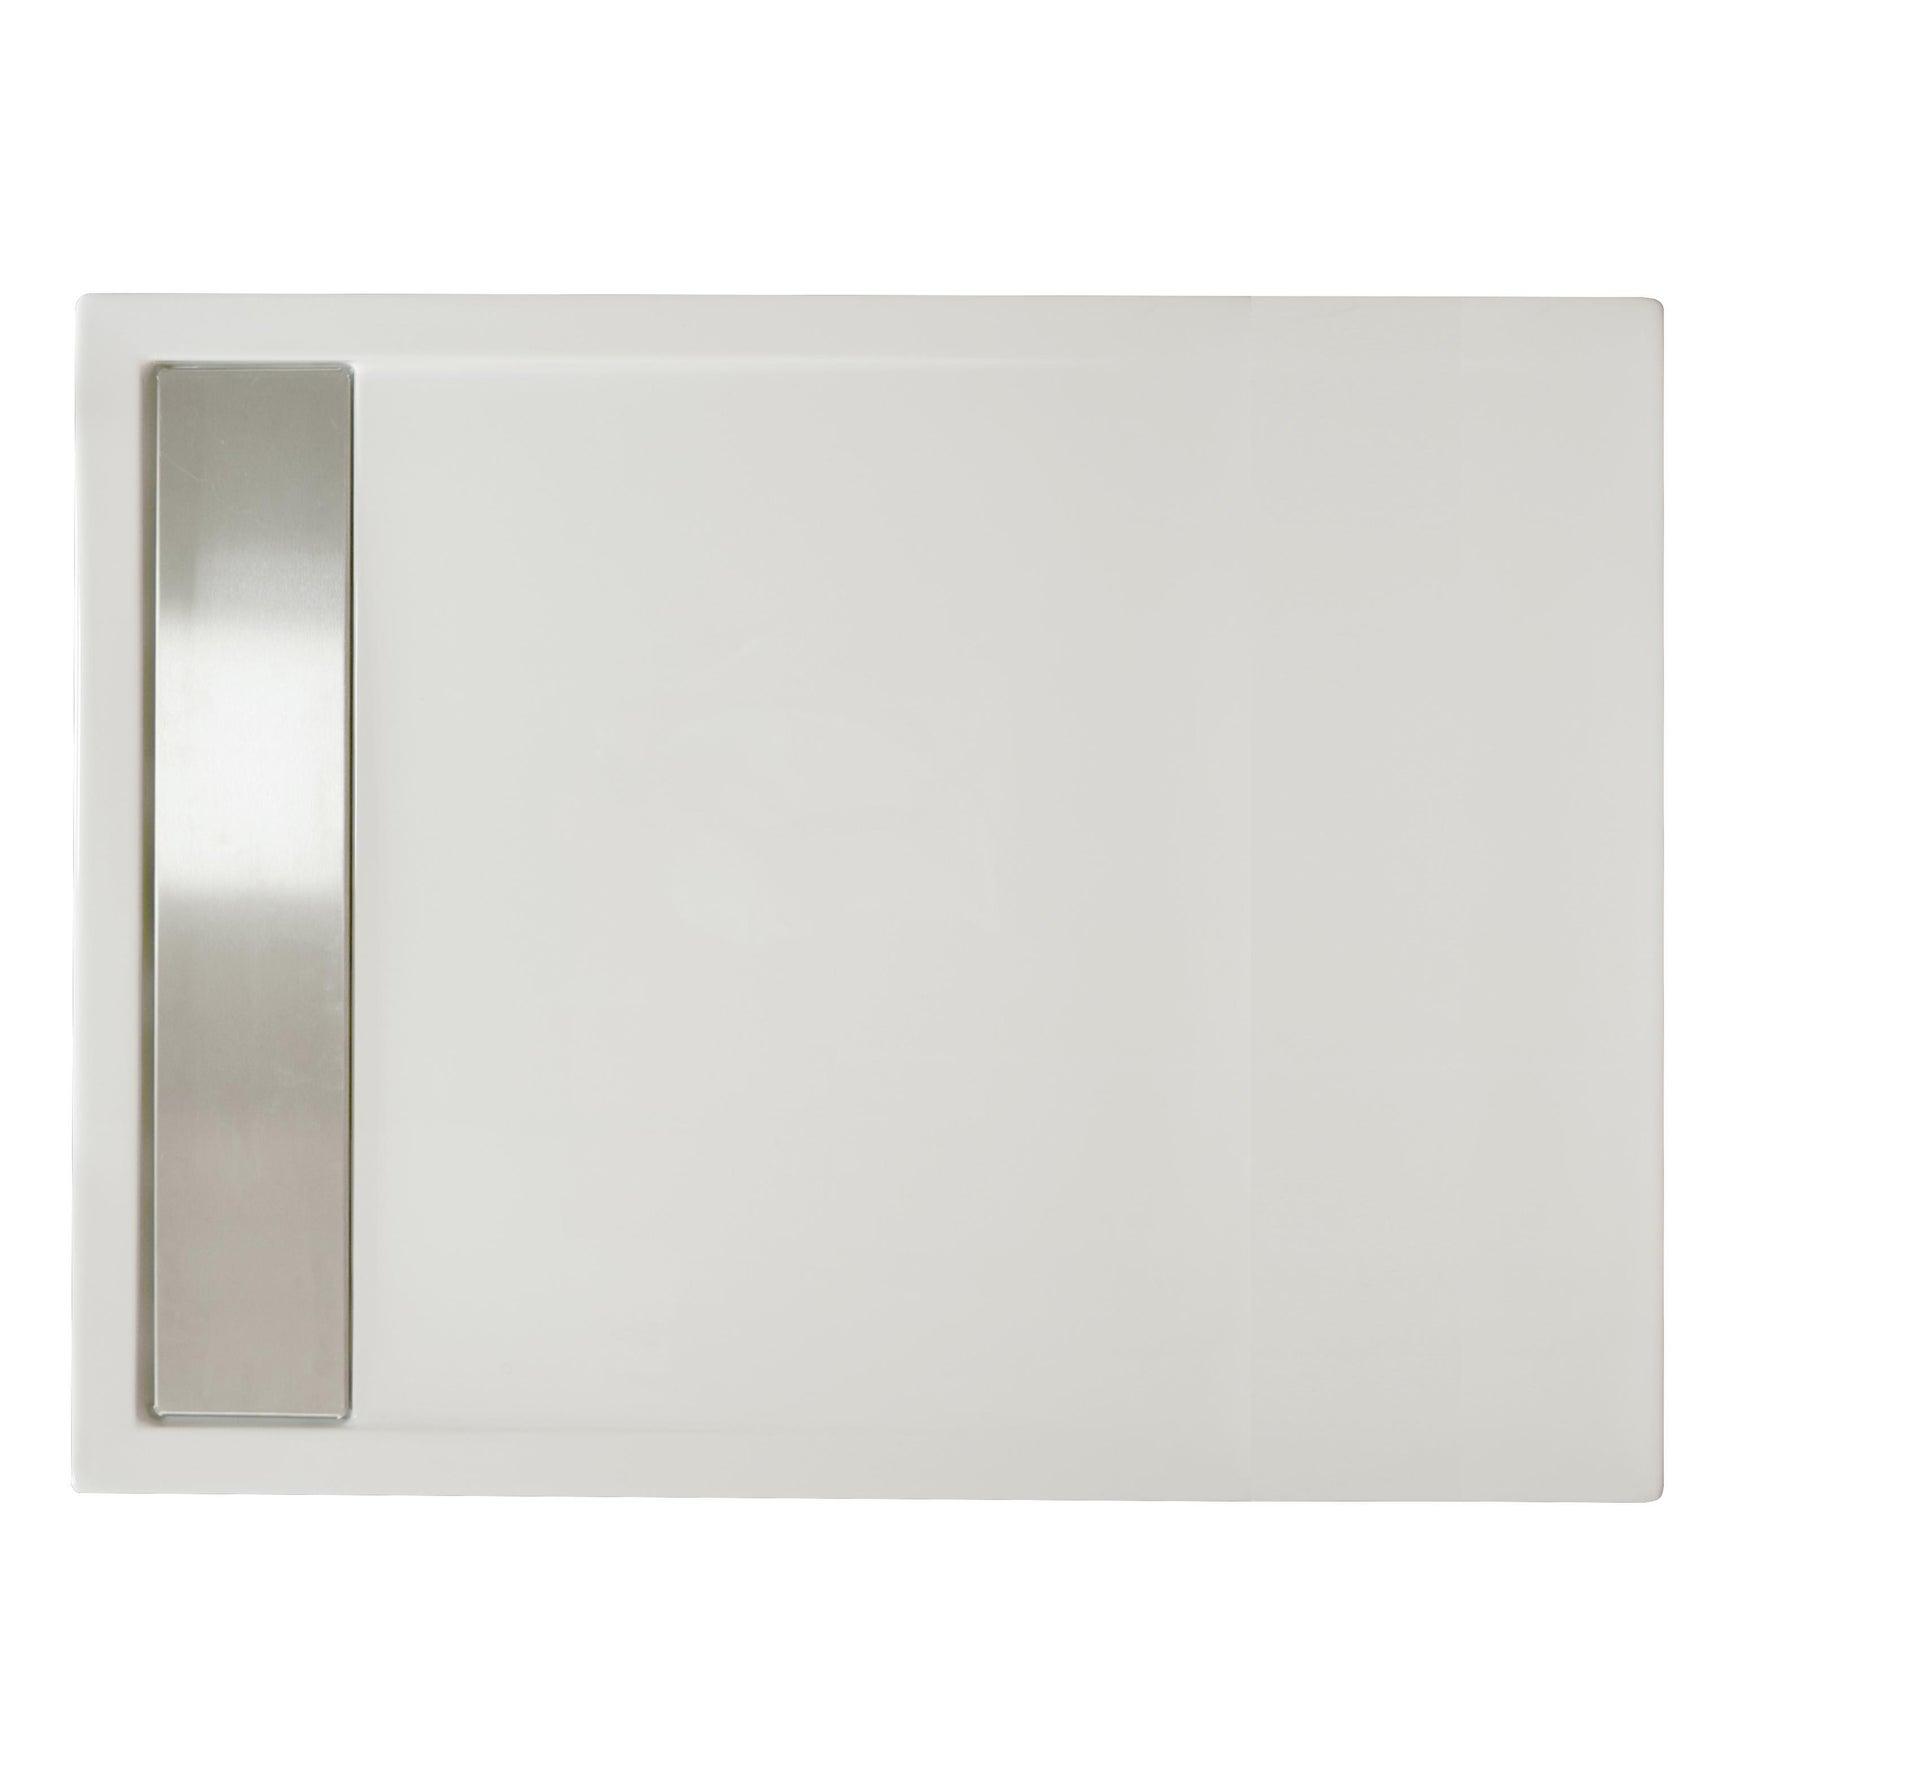 Piatto doccia acrilico Bali 120 x 70 cm bianco